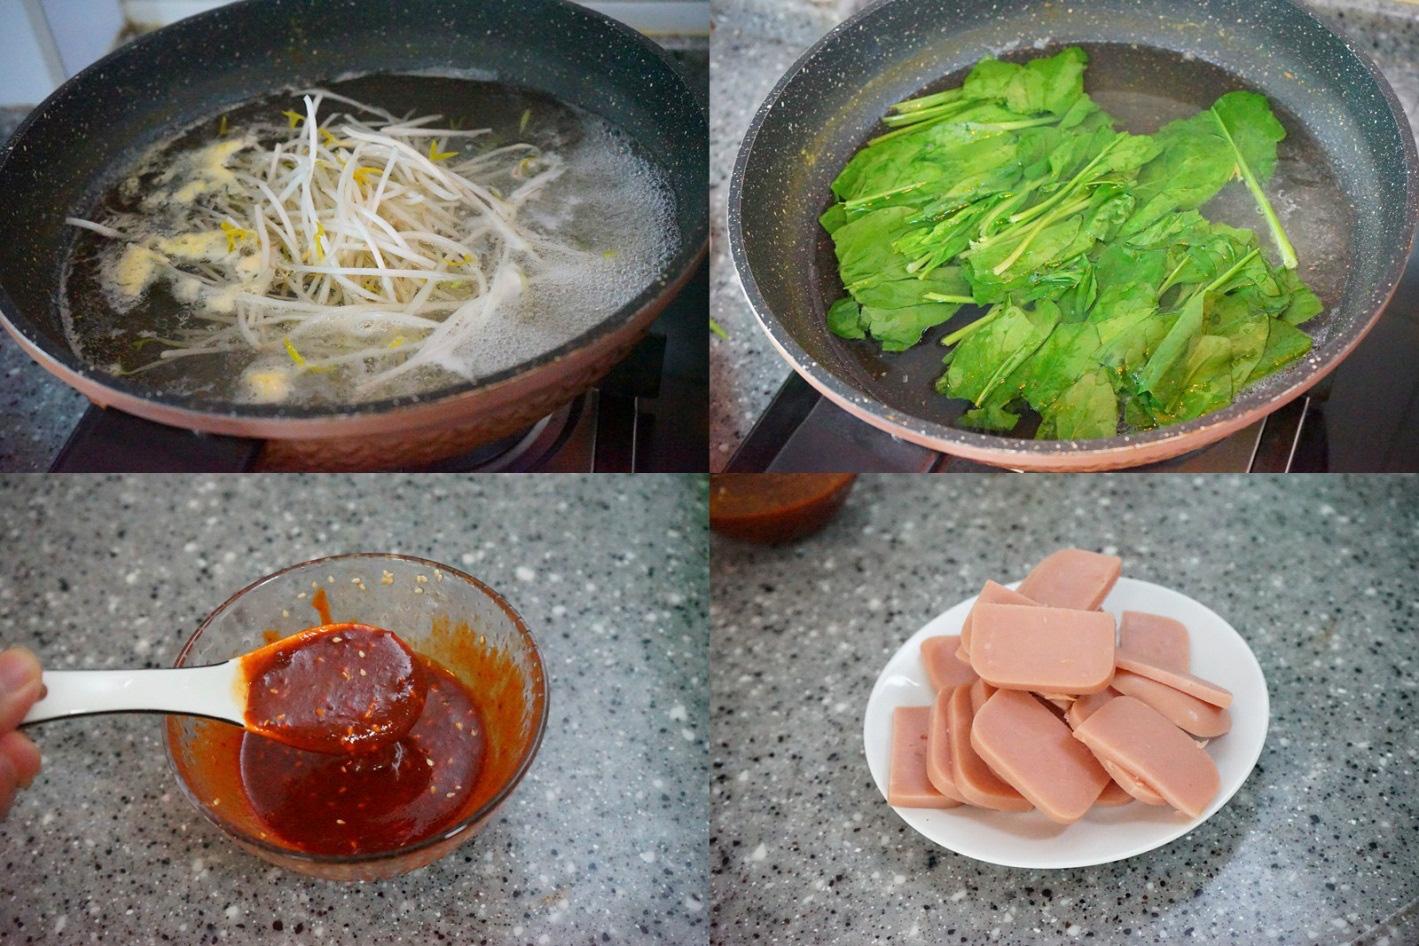 Bữa trưa ngon miệng cùng cơm trộn kiểu Hàn - Ảnh 2.